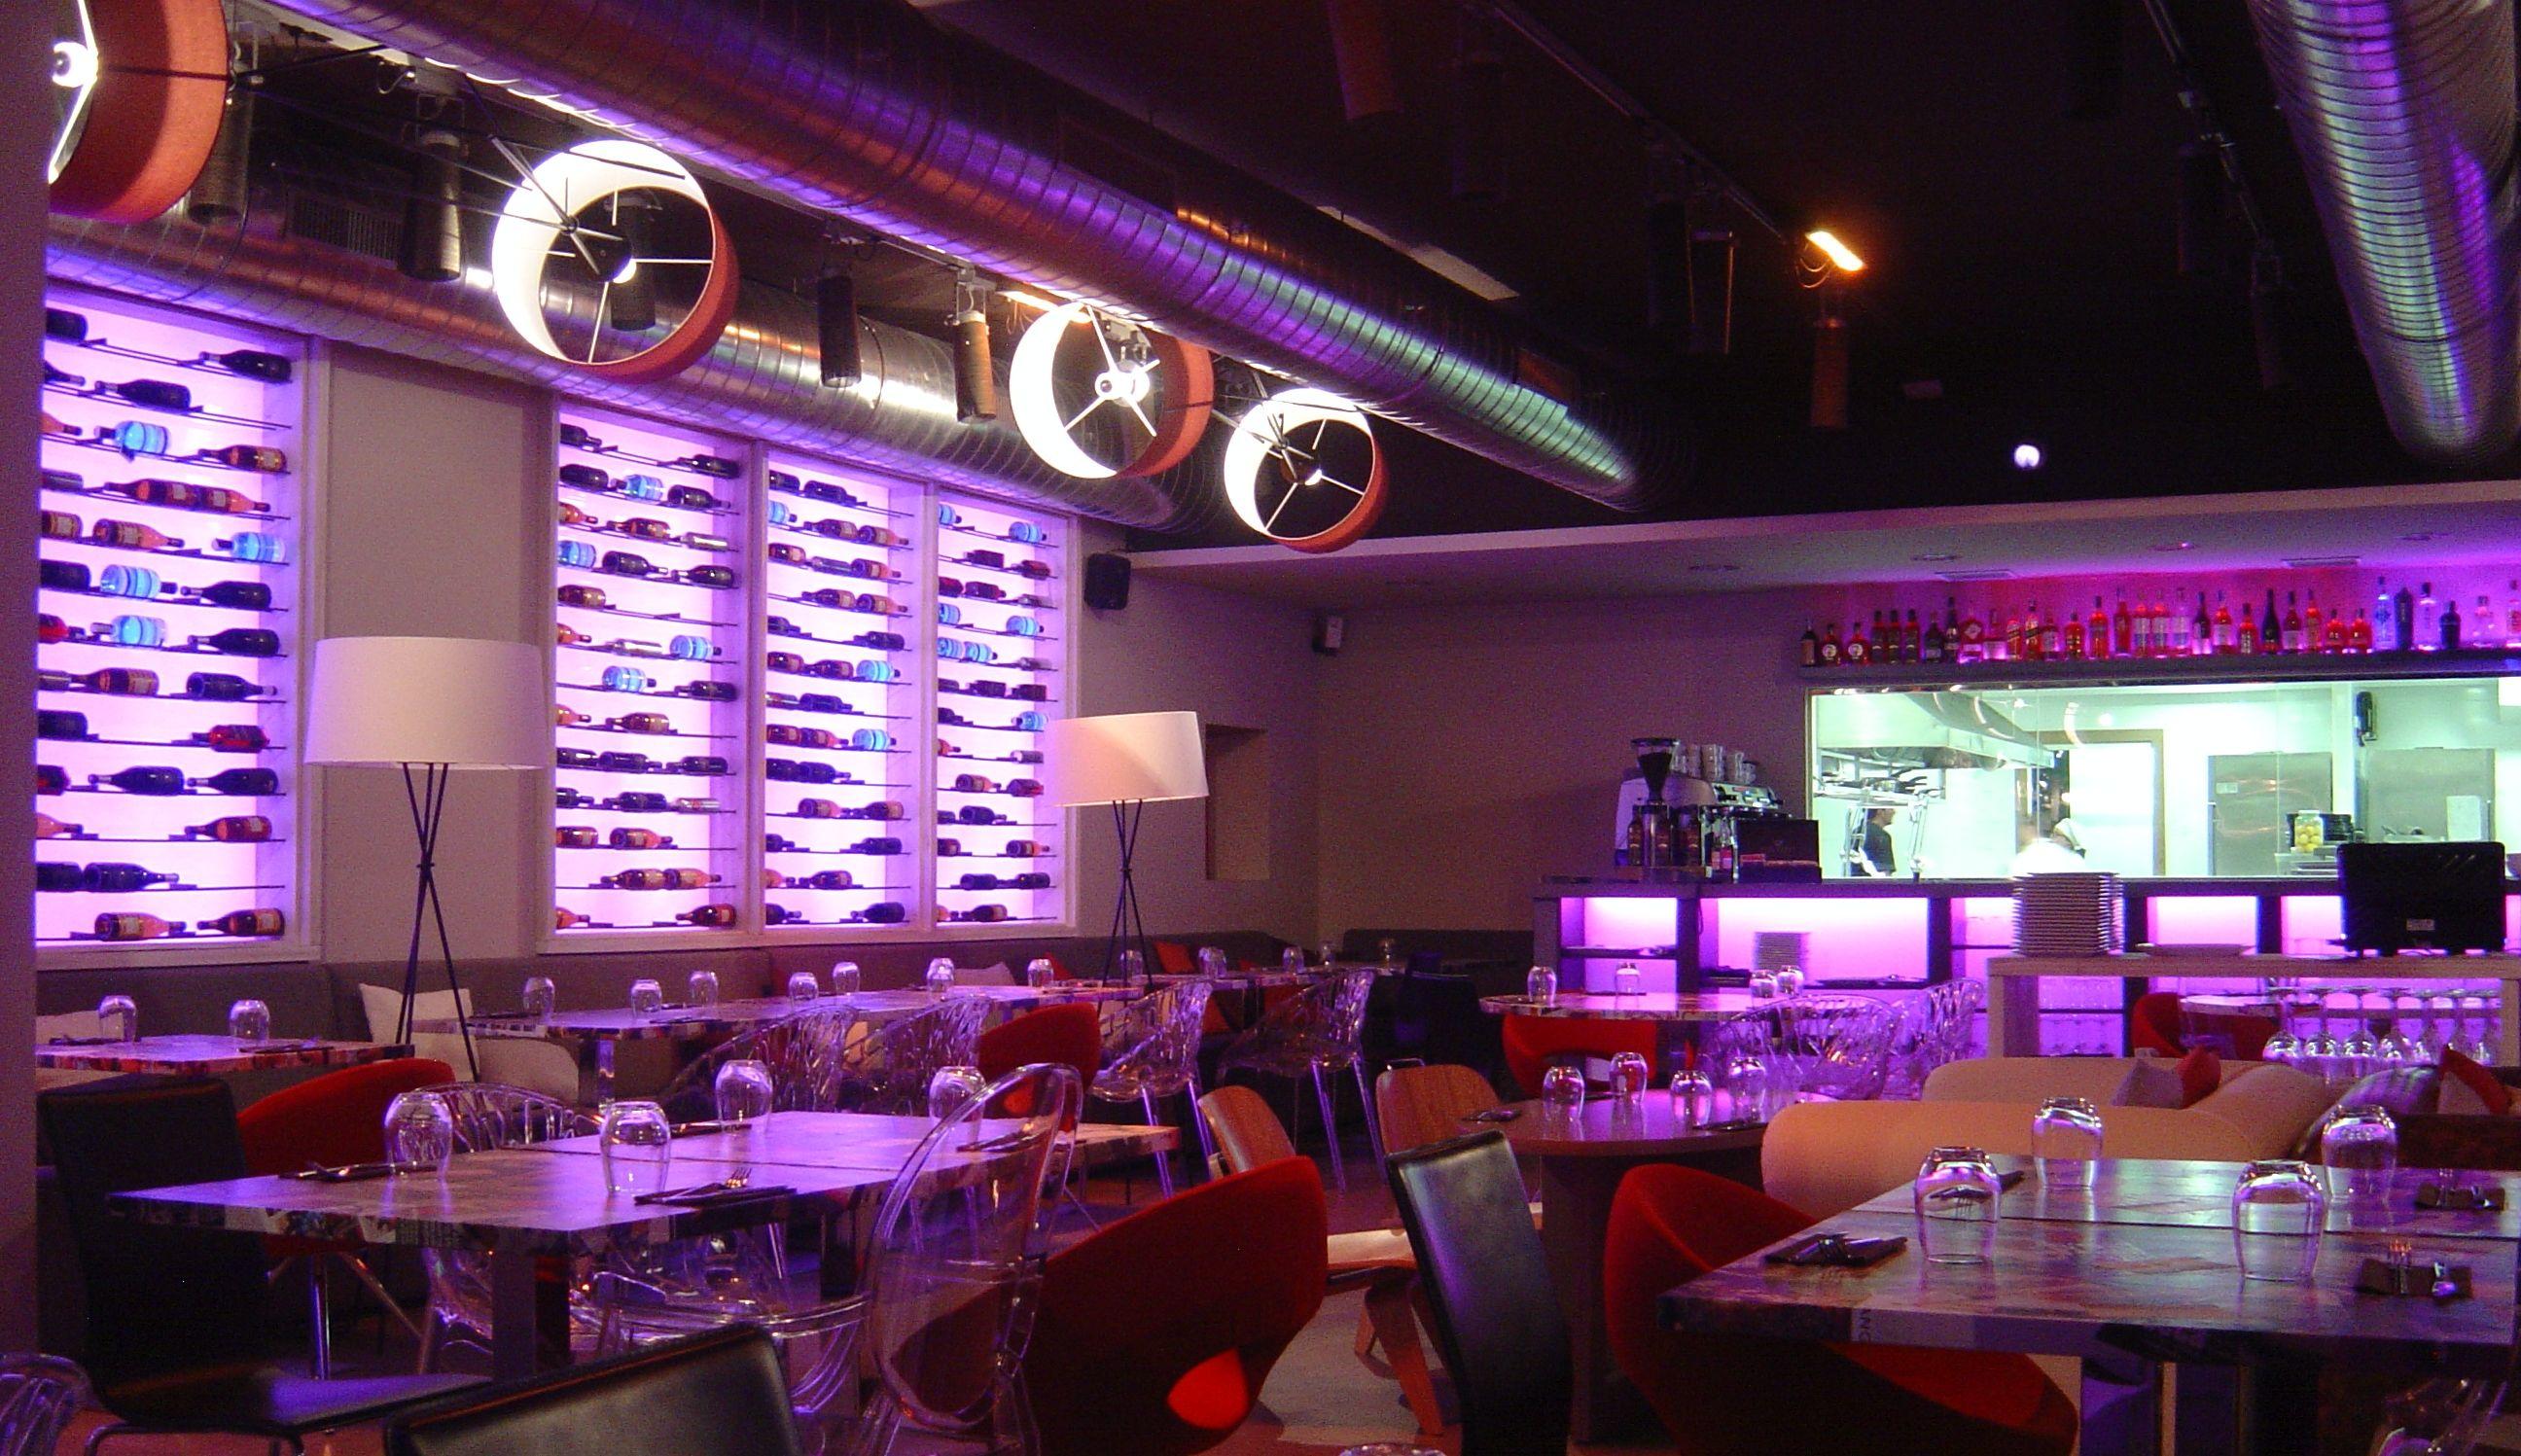 Ideas de bar restaurante estilo contemporaneo color rojo marron blanco dise ado por - Restaurante attic barcelona ...